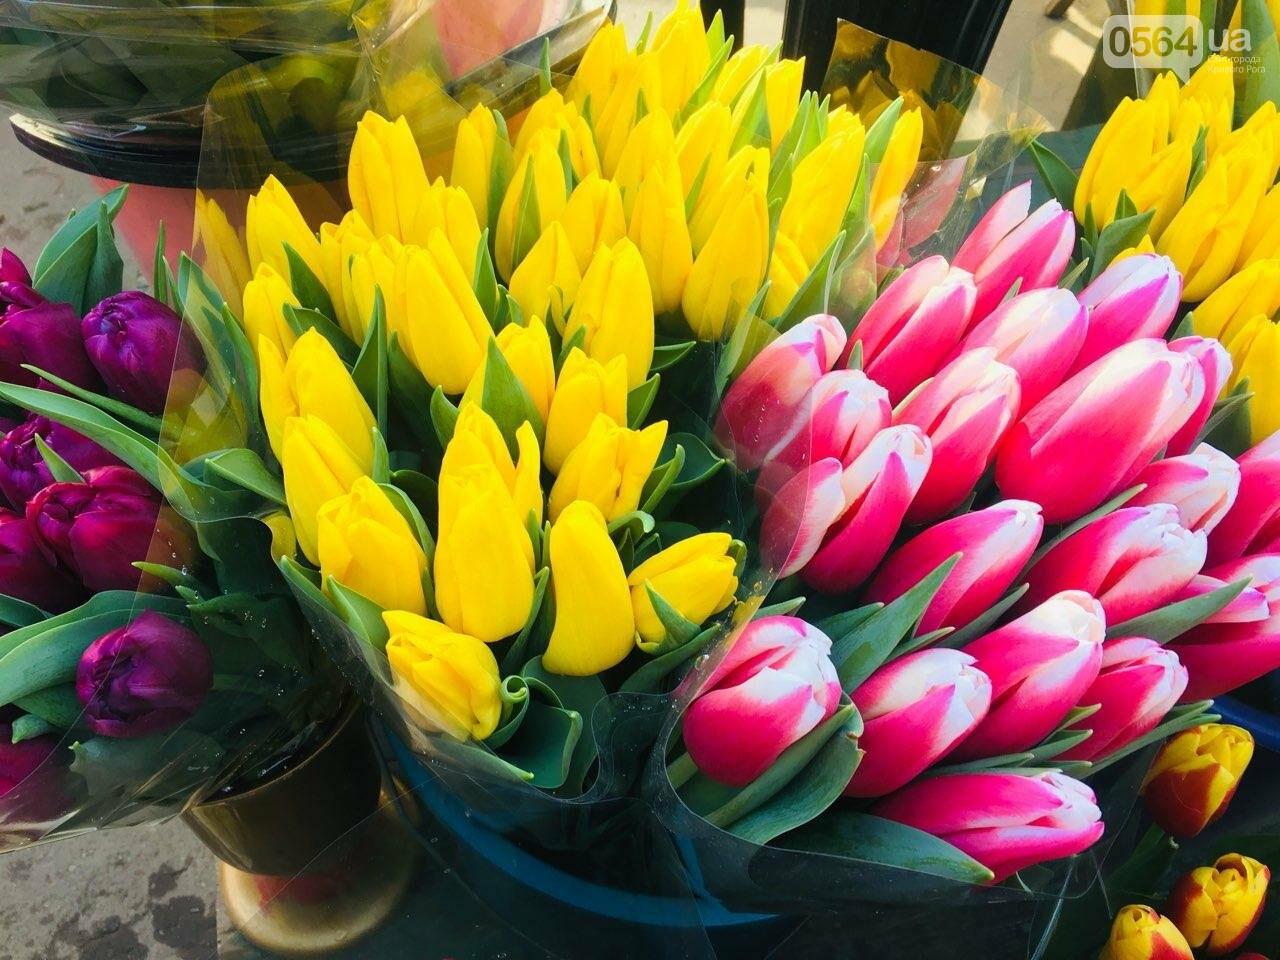 Купить цветы на 8 марта фотографии красивые, где взять